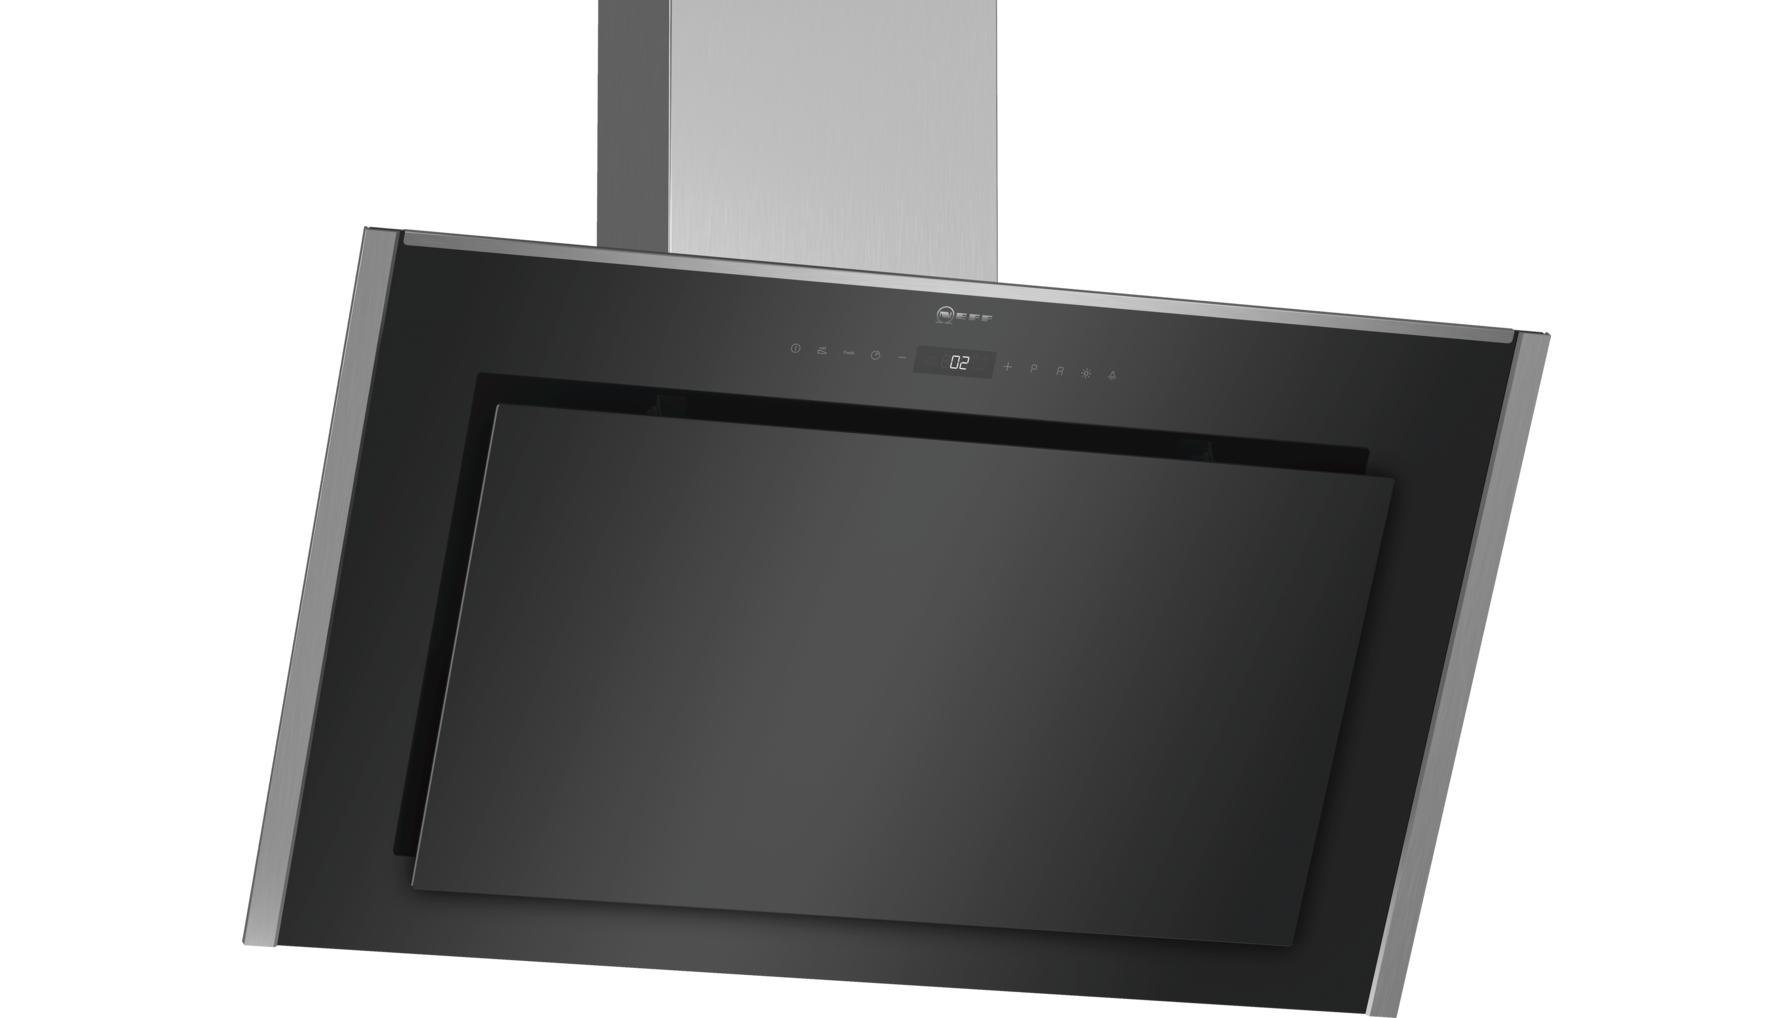 neff produkte dunstabzugshauben wandessen d96imw1n0. Black Bedroom Furniture Sets. Home Design Ideas